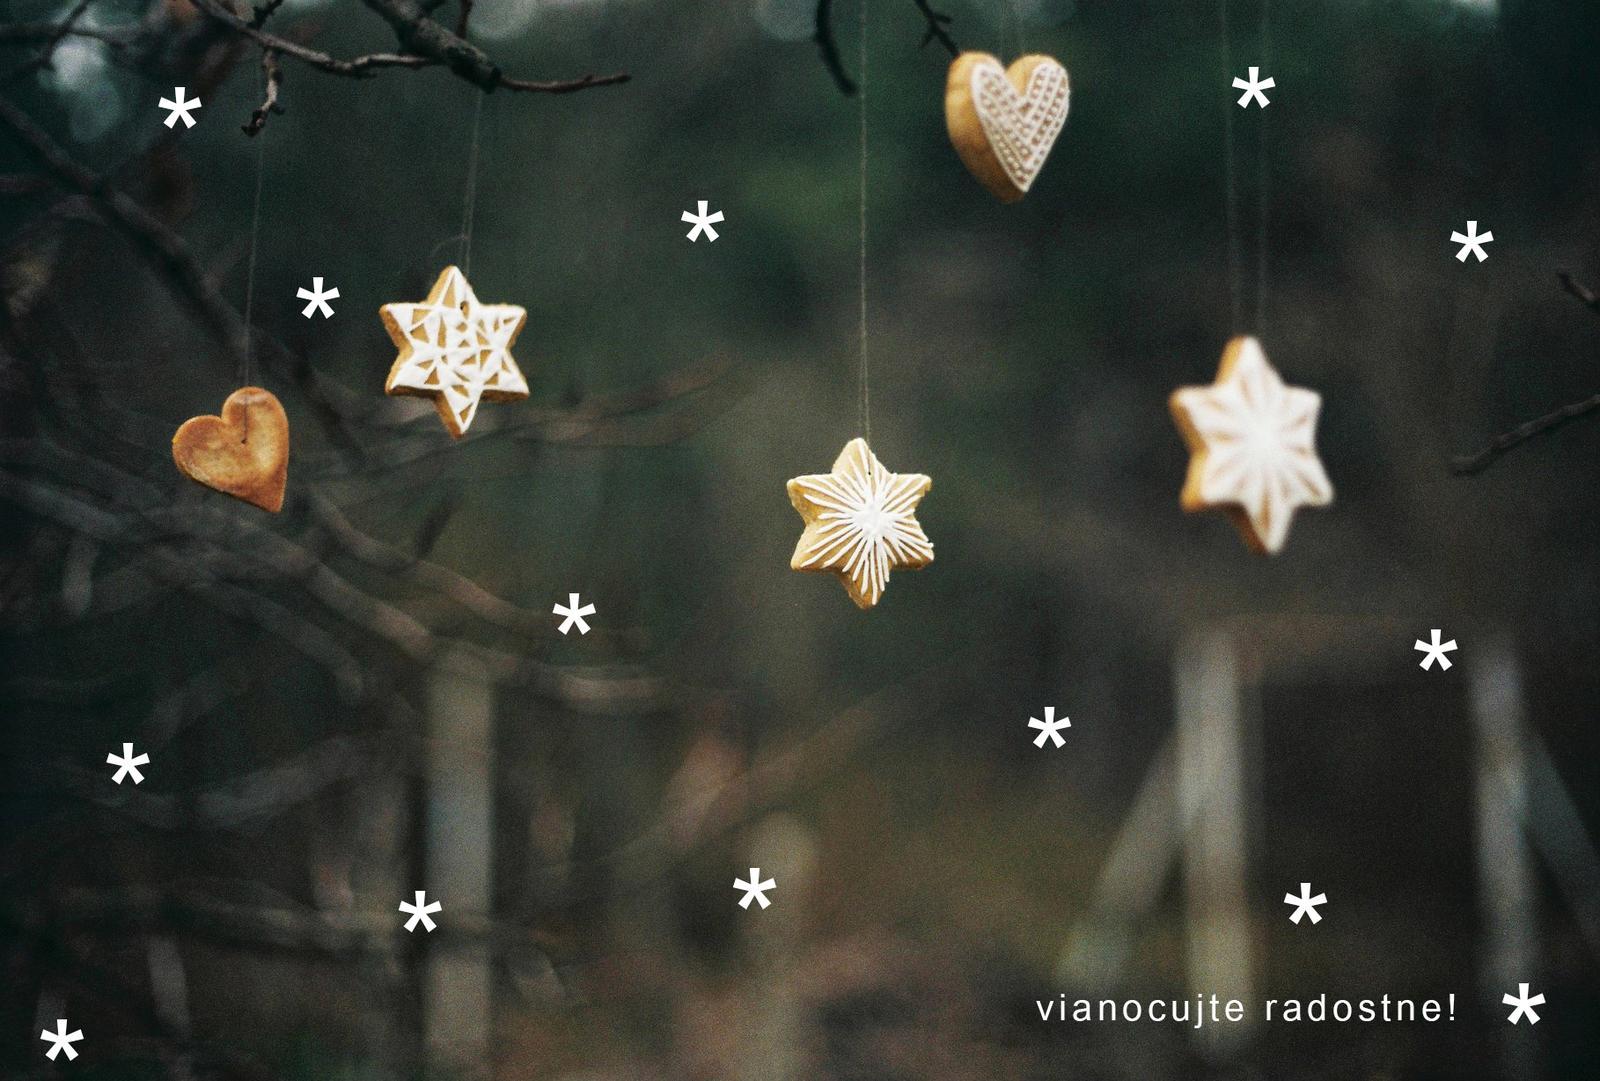 Majte Vianoce presne také, aké si ich predstavujete! To vám želá tím Mojej svadby :) - Obrázok č. 1